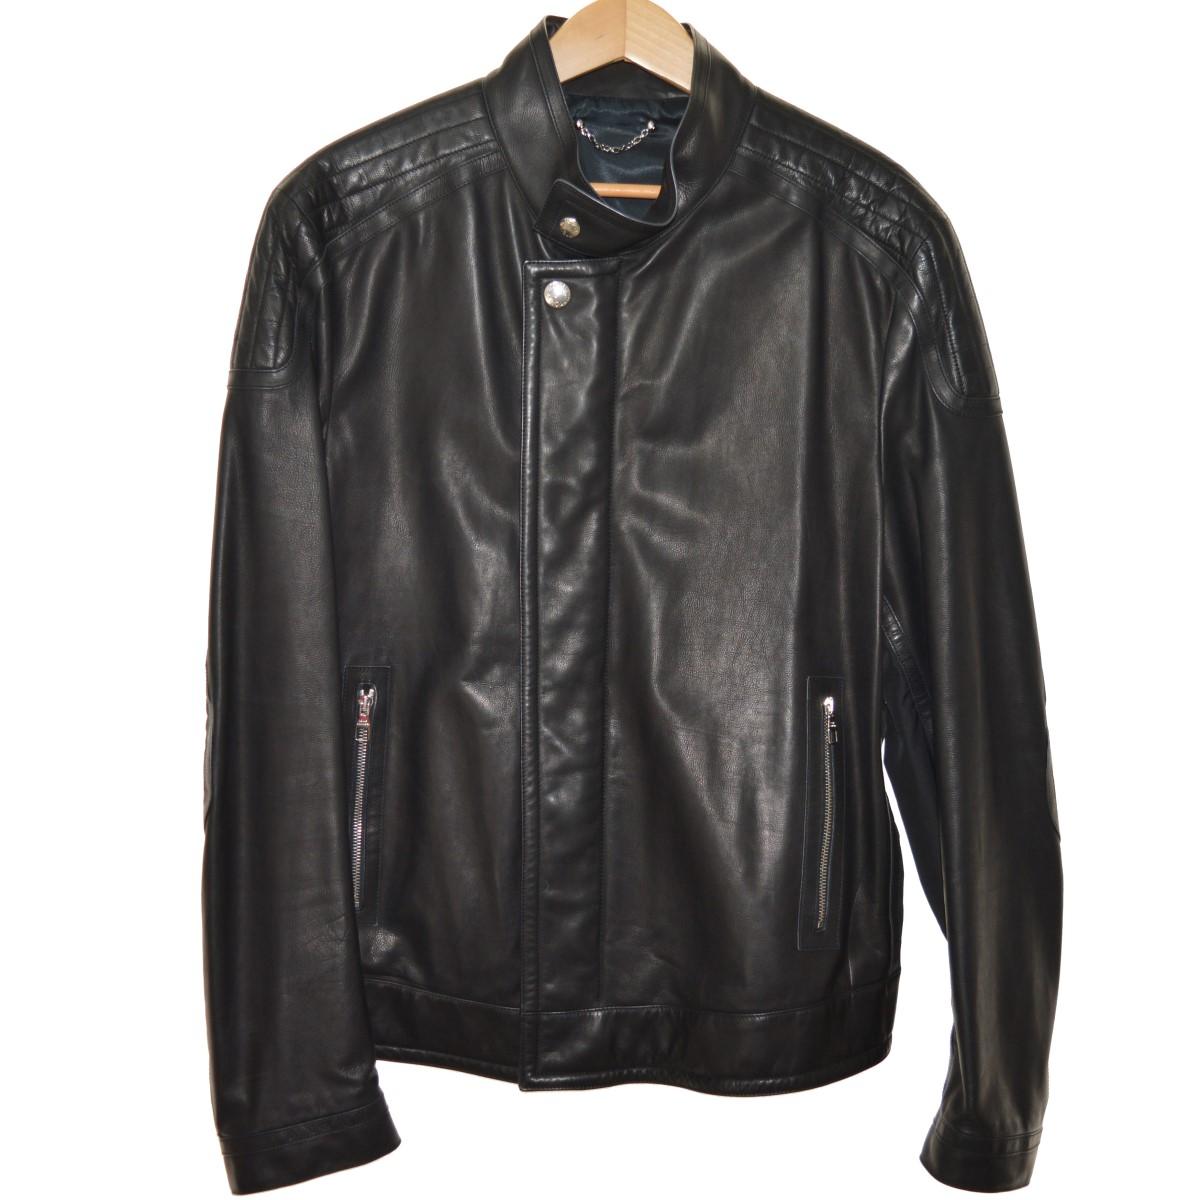 【中古】LOUIS VUITTONダミエ柄 レザージャケット ブラック サイズ:56 【5月14日見直し】